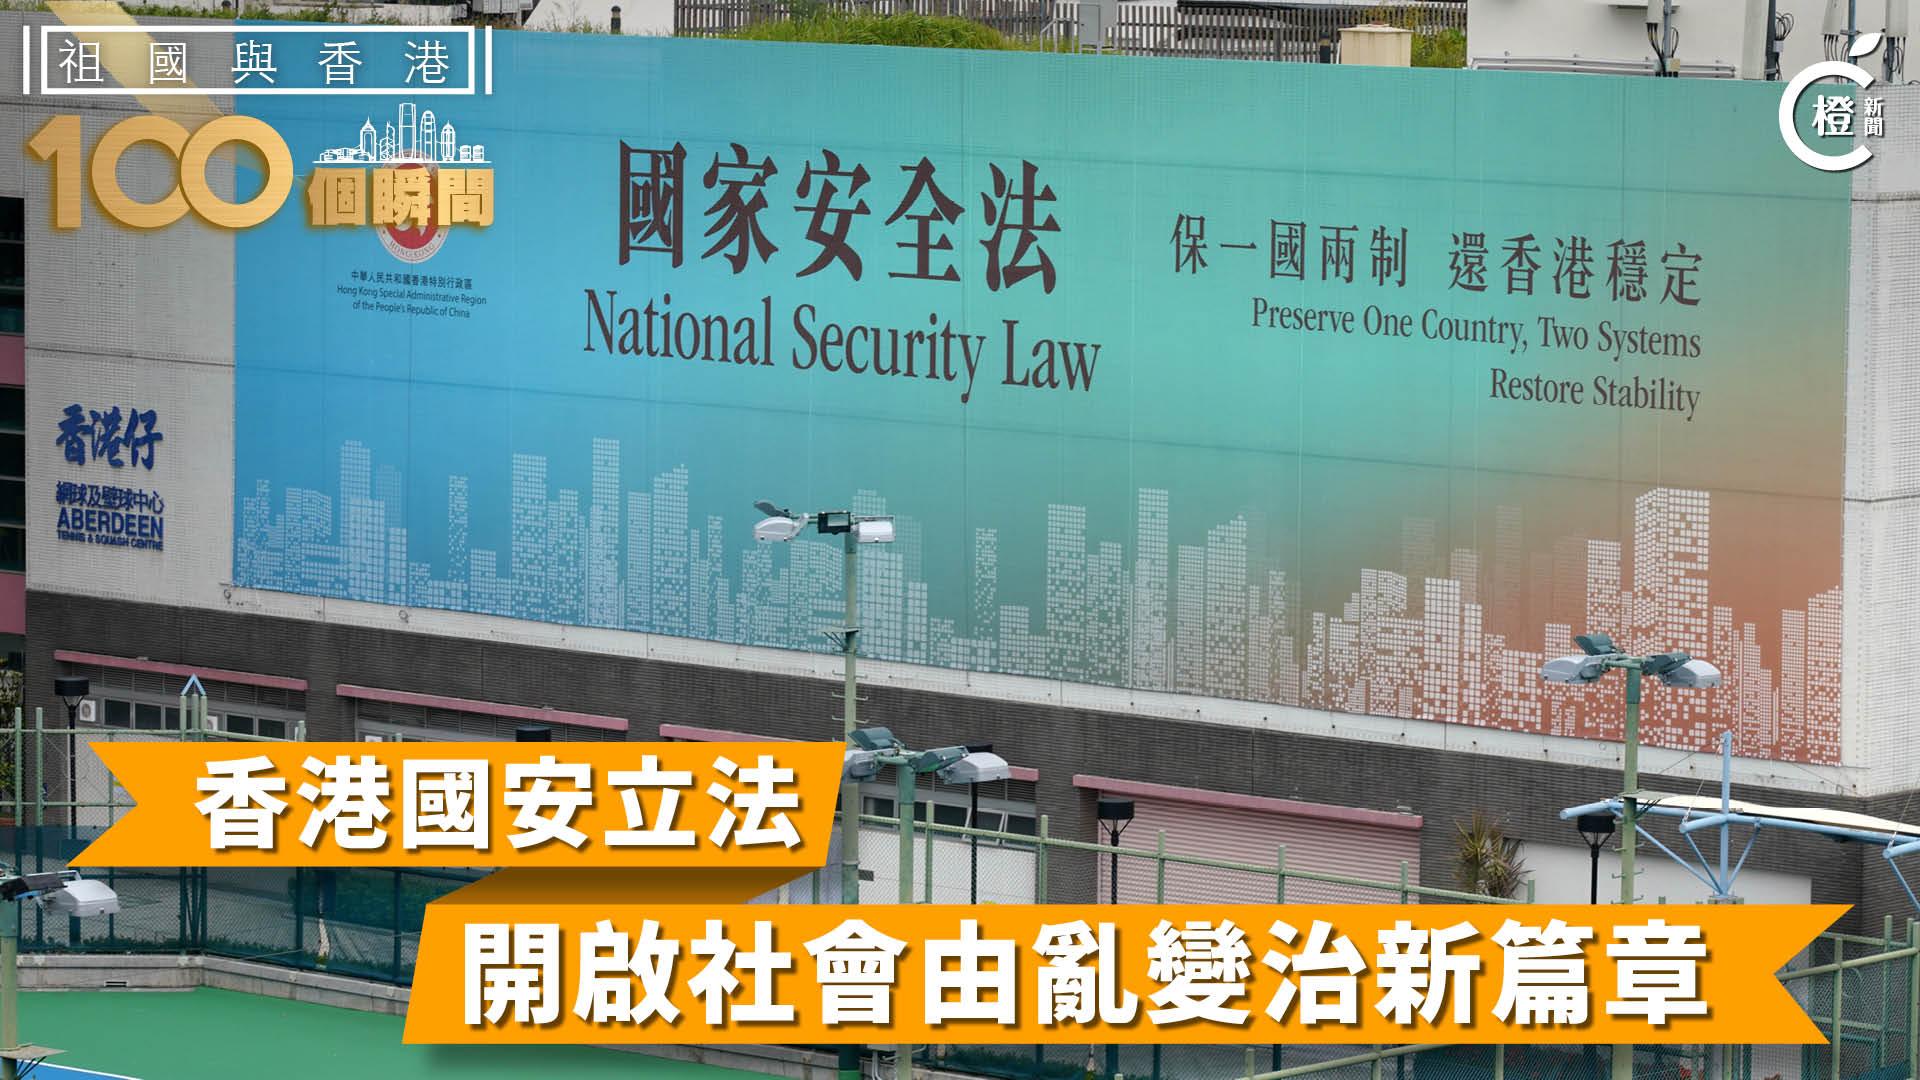 【祖國與香港100個瞬間】香港國安法開啟社會由亂及治新篇章